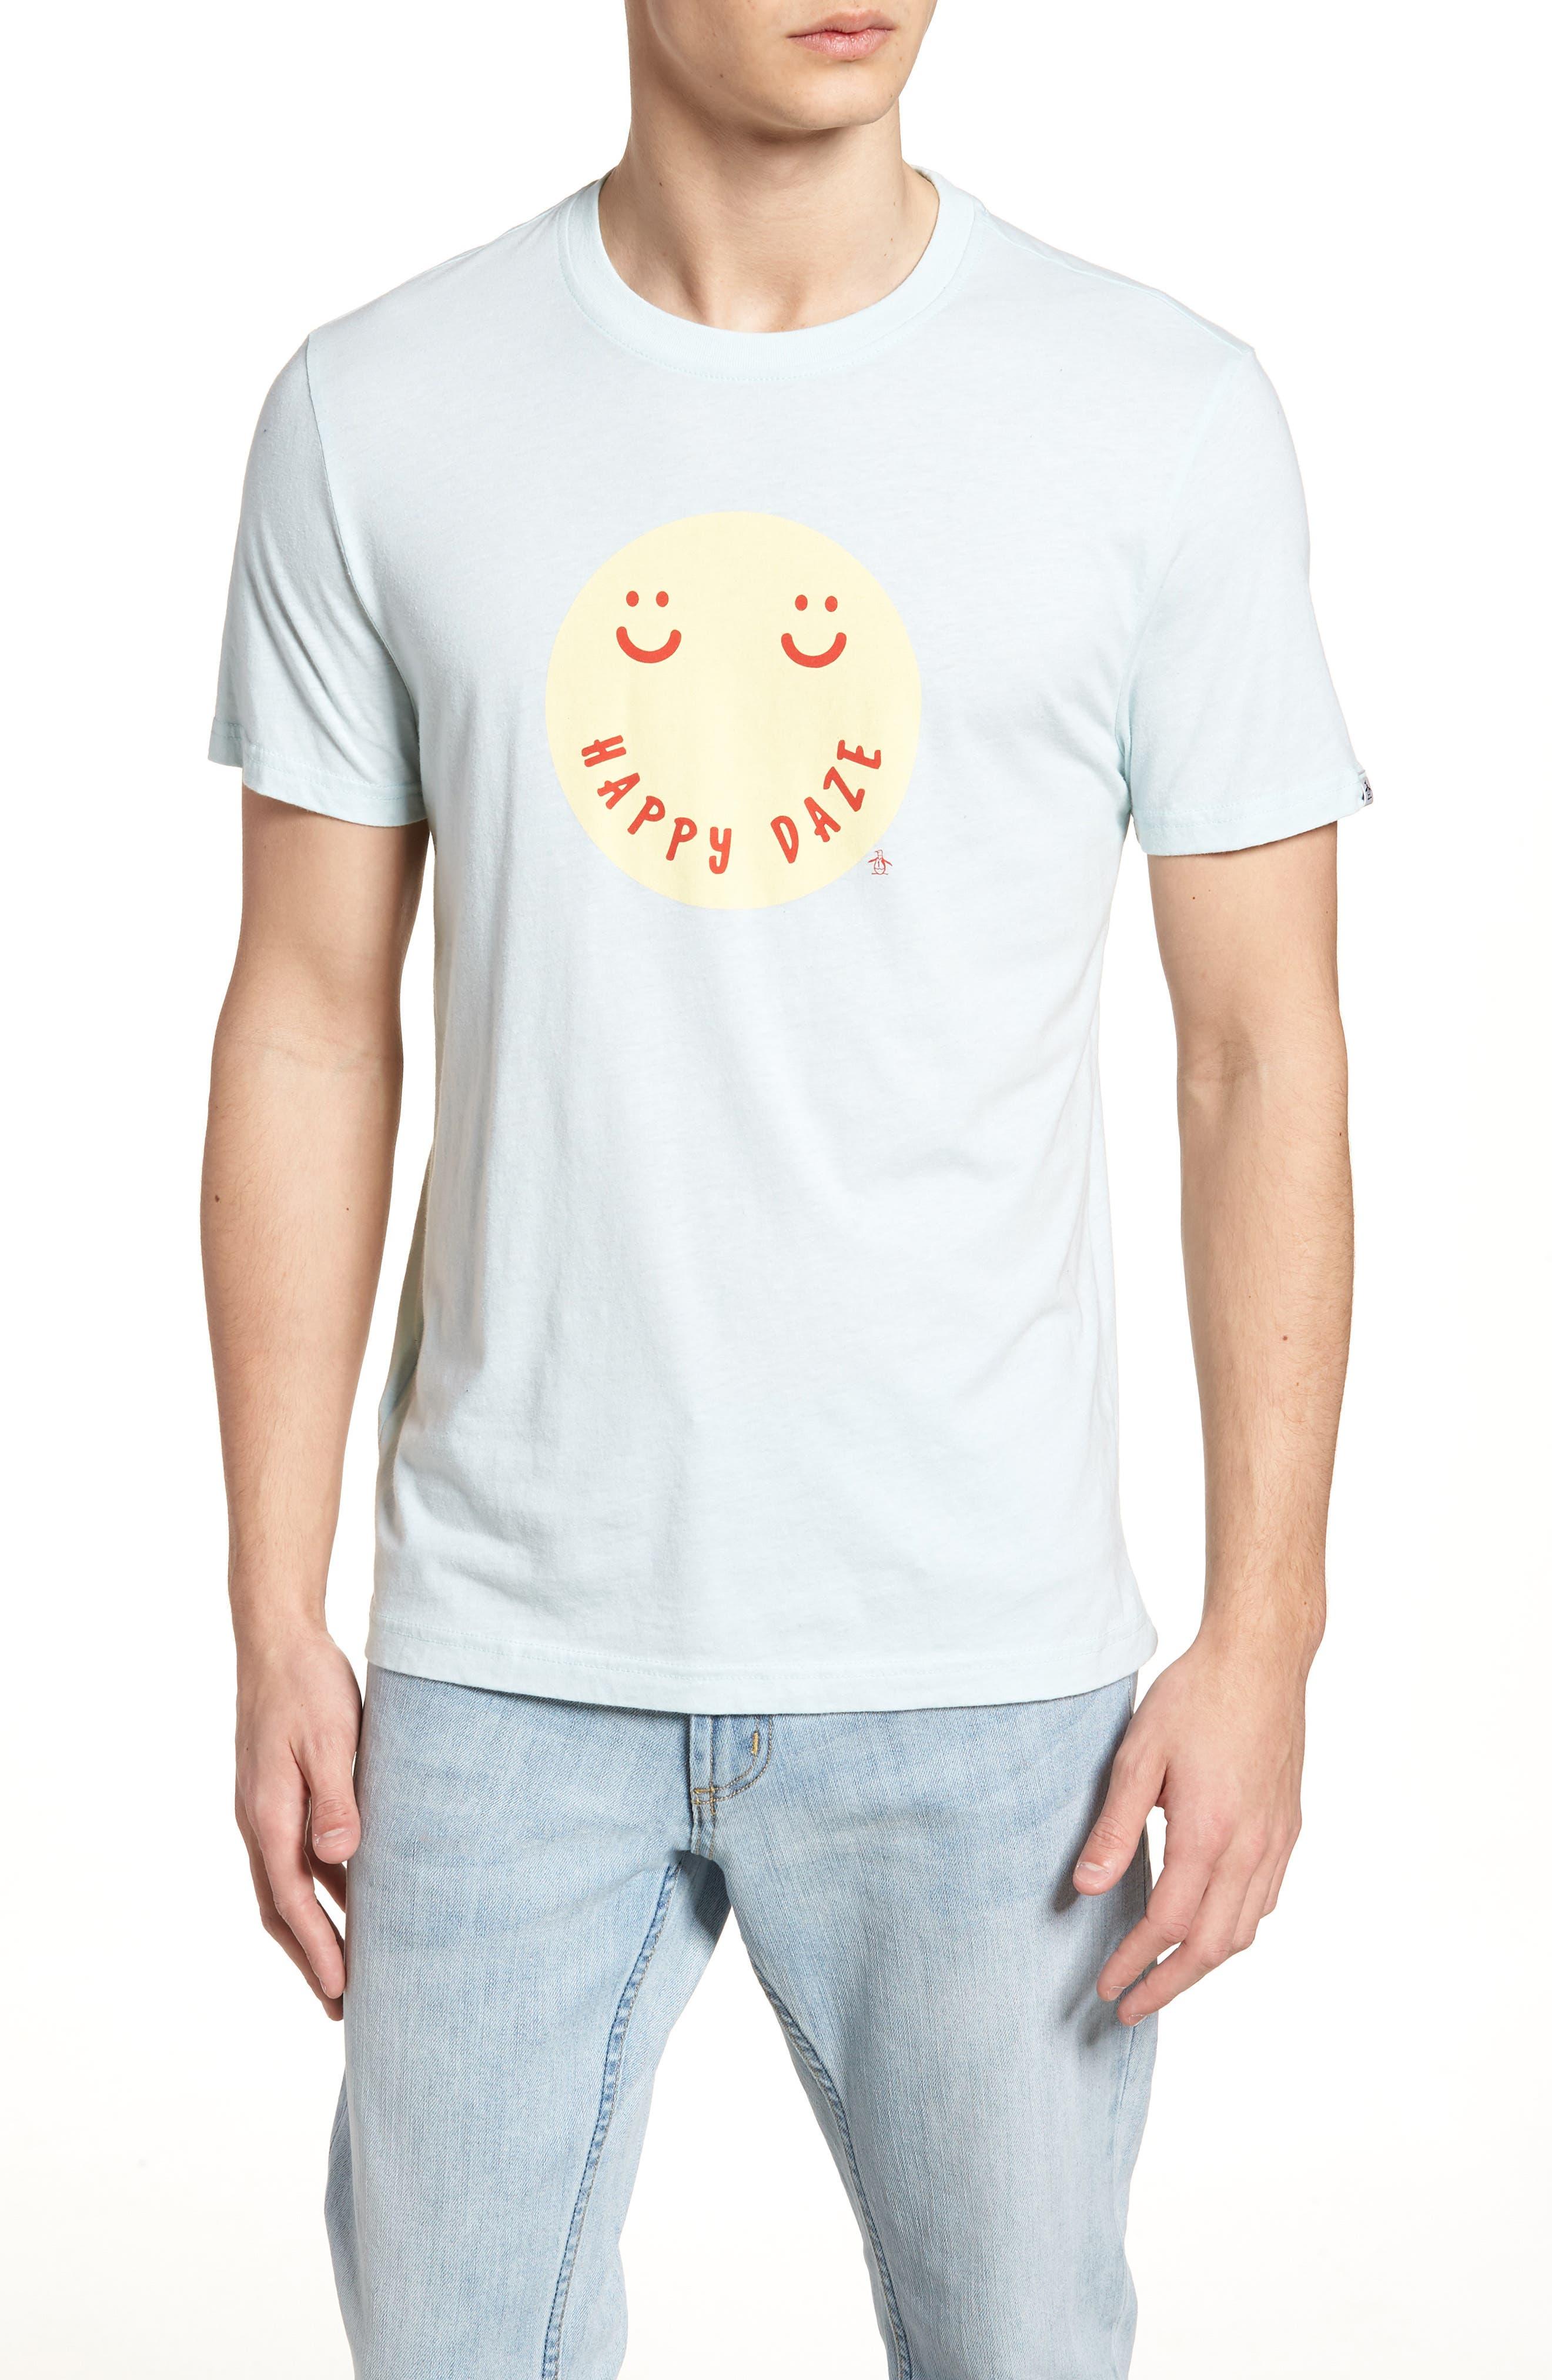 Happy Daze T-Shirt,                             Main thumbnail 1, color,                             Pastel Blue